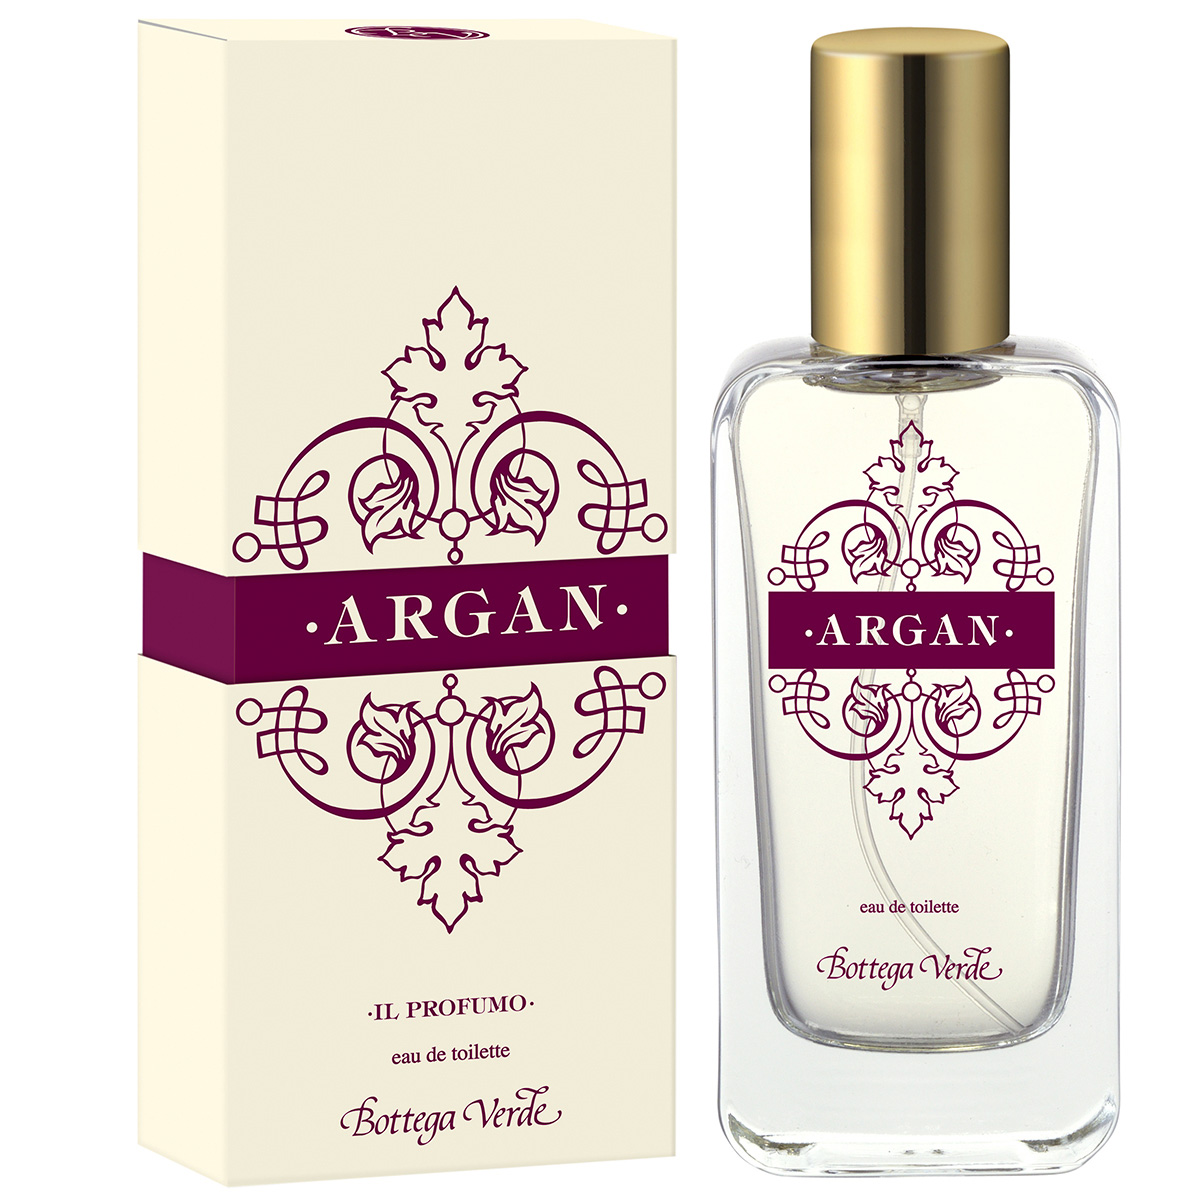 Parfum cu aroma de argan imagine